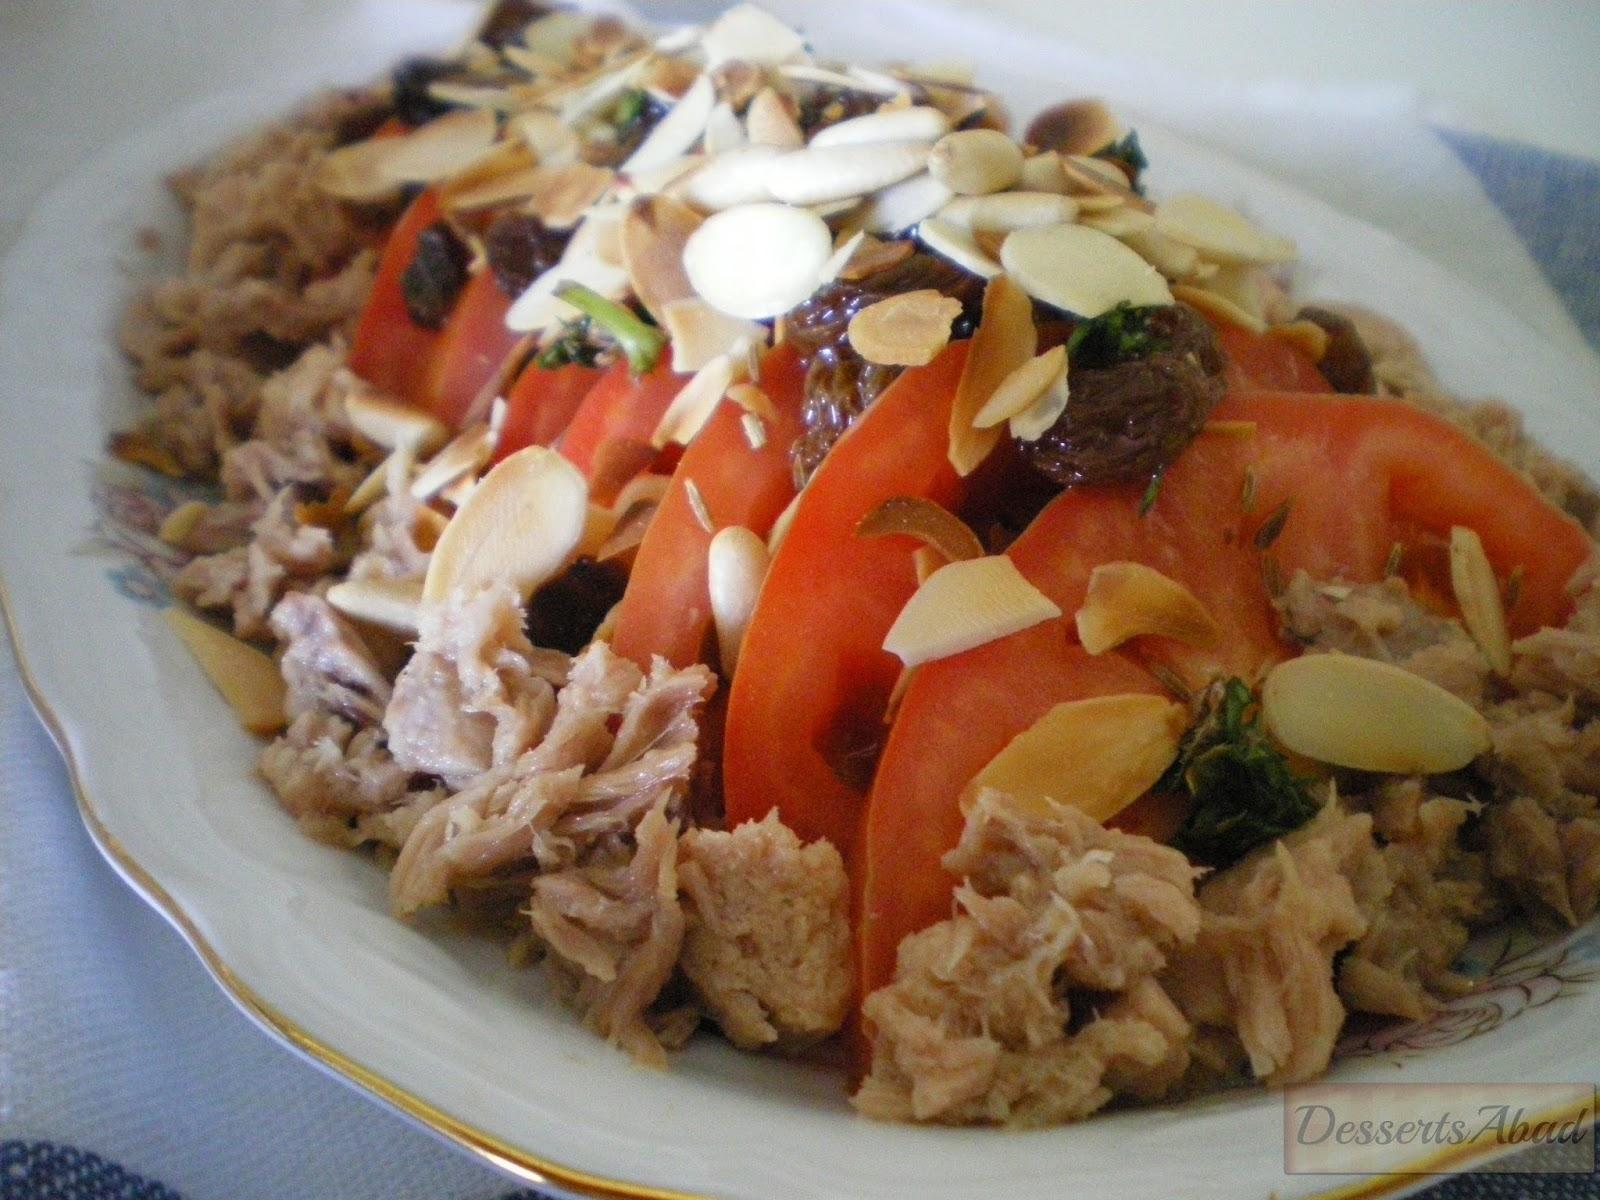 Ensalada de tomates con vinagreta de pasas